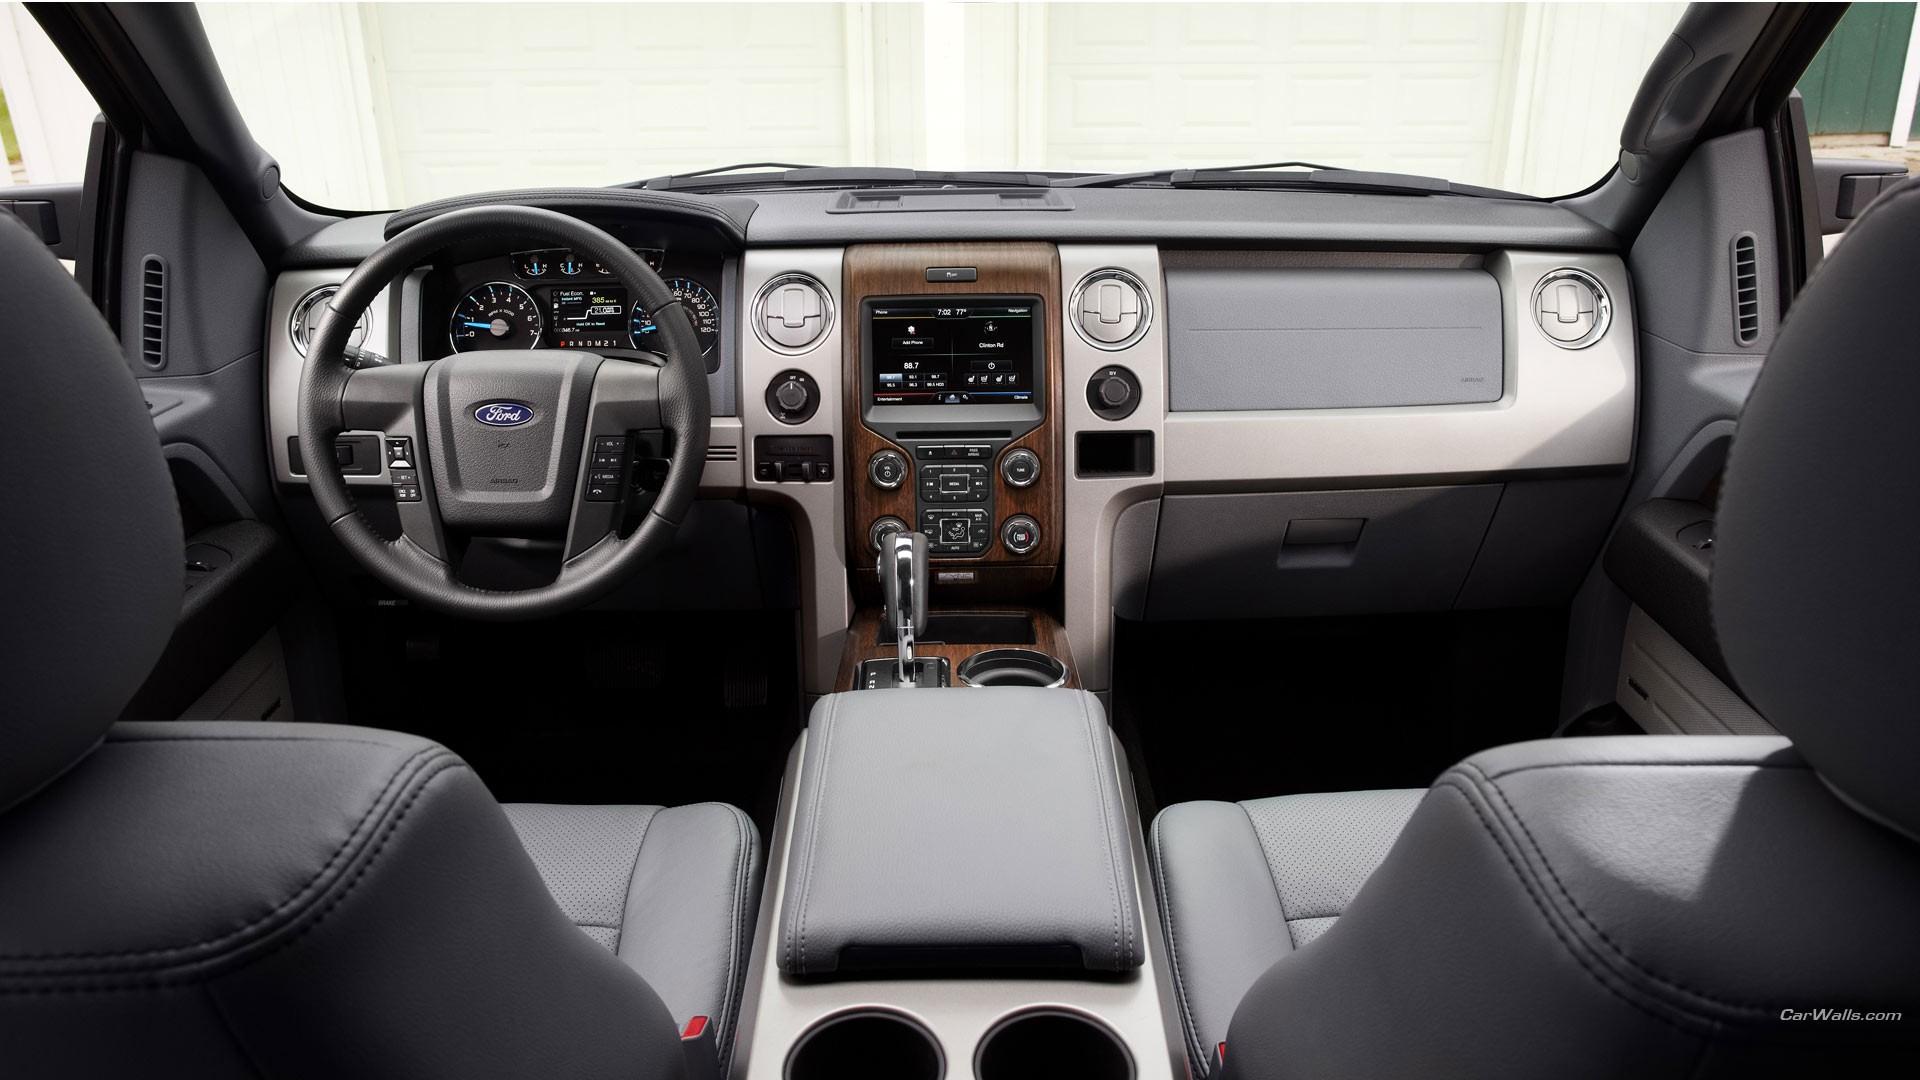 Fond d 39 cran v hicule int rieur de voiture ford f 150 for Interieur voiture de luxe